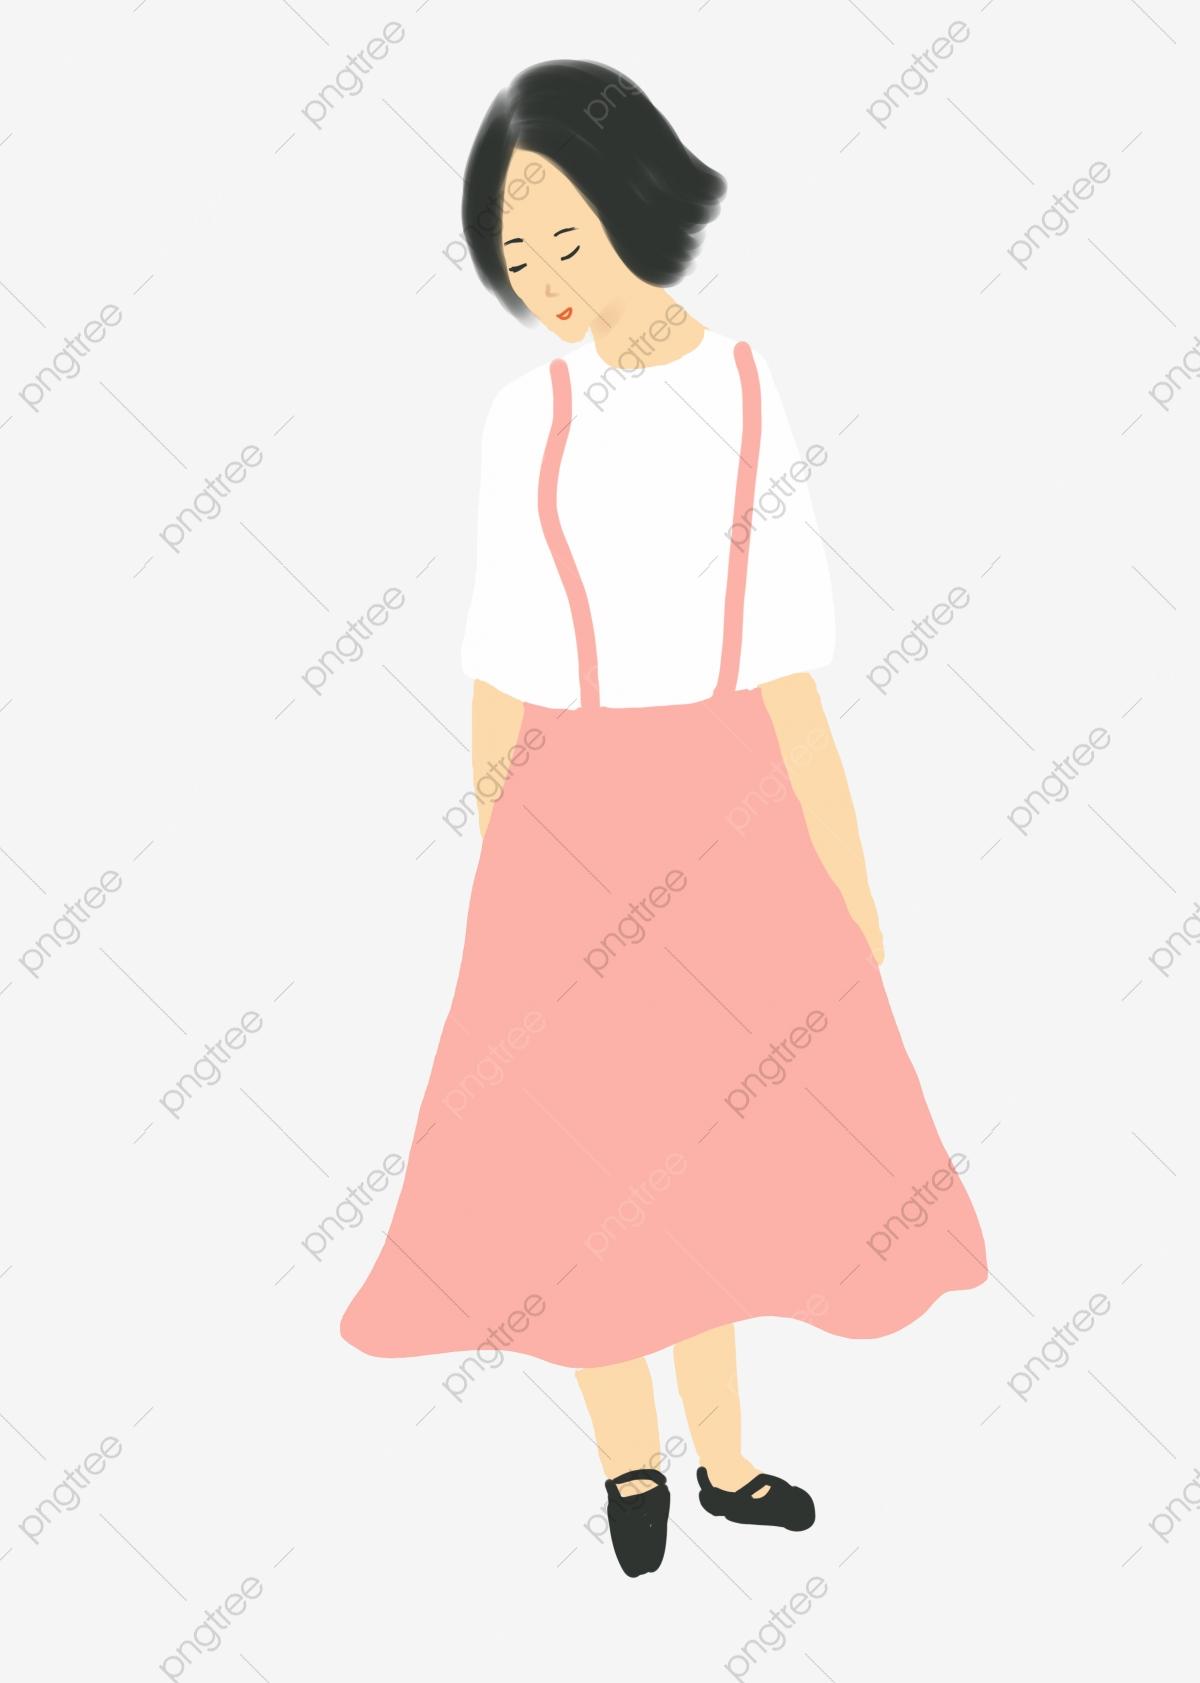 Pink Skirt Girl In Pink Dress Short Hair Girl Lovely, Bow Down ... svg transparent